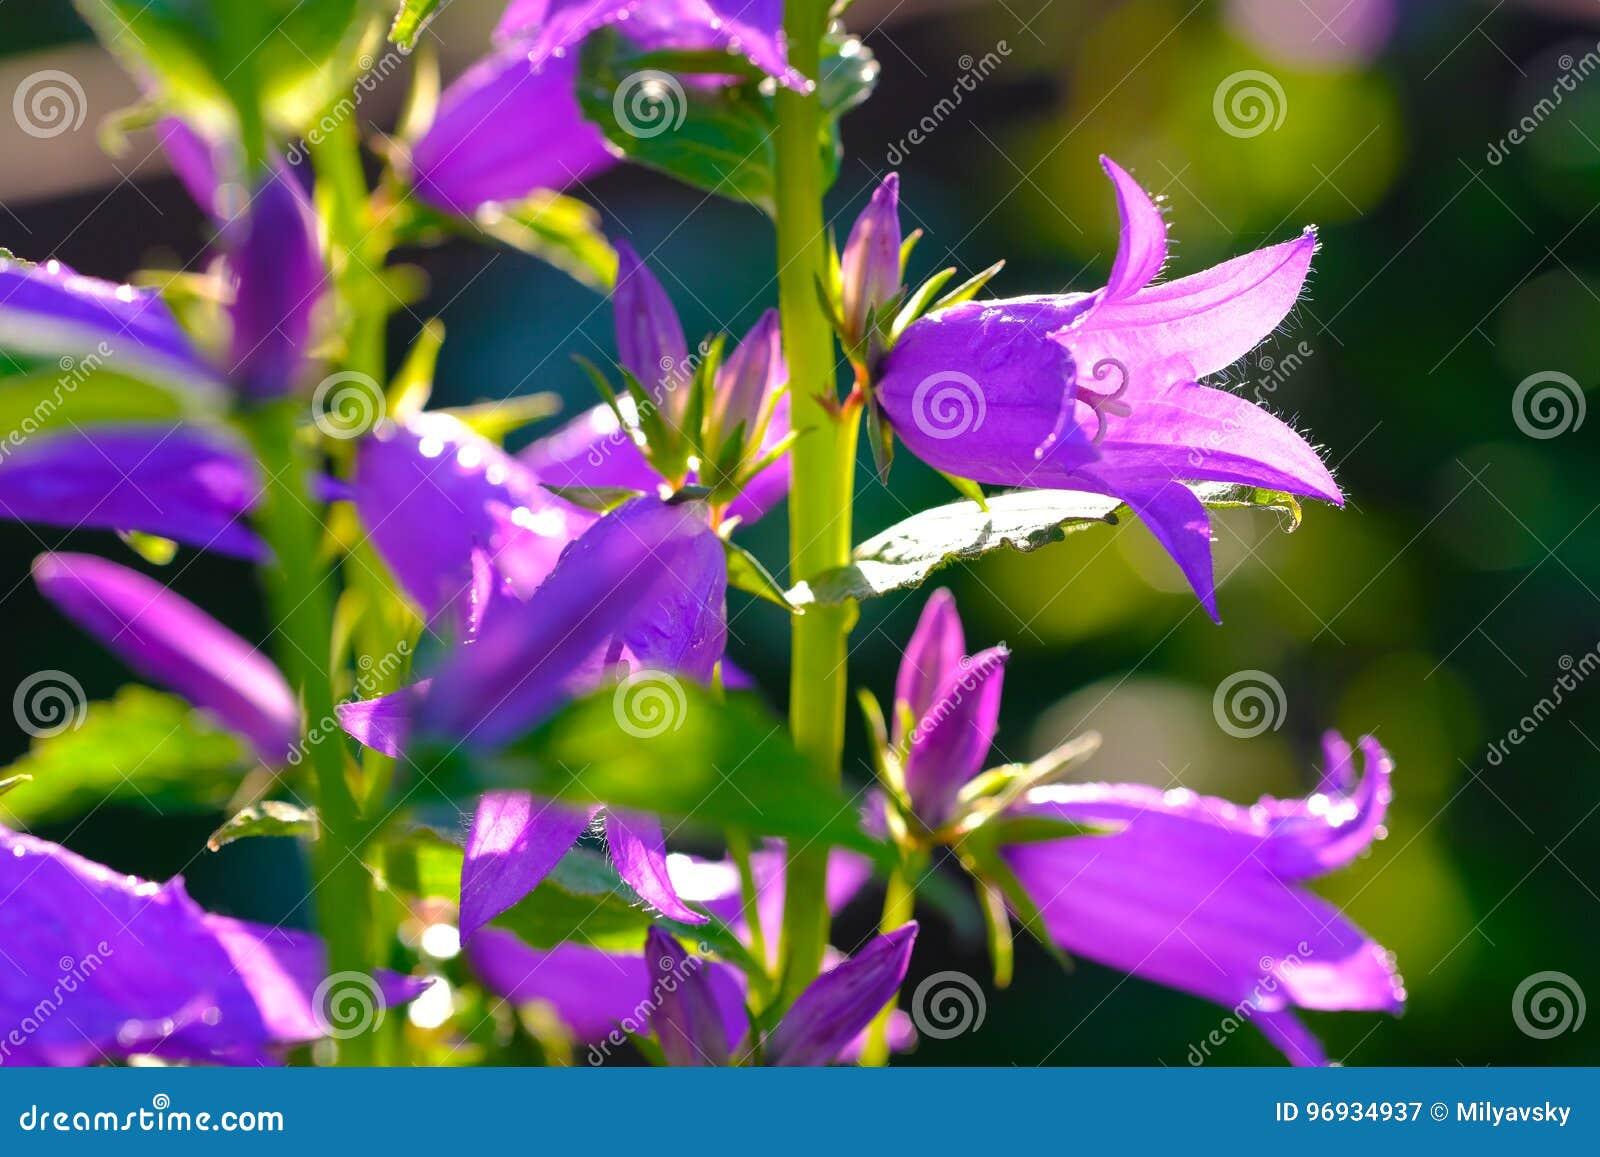 Violet bells